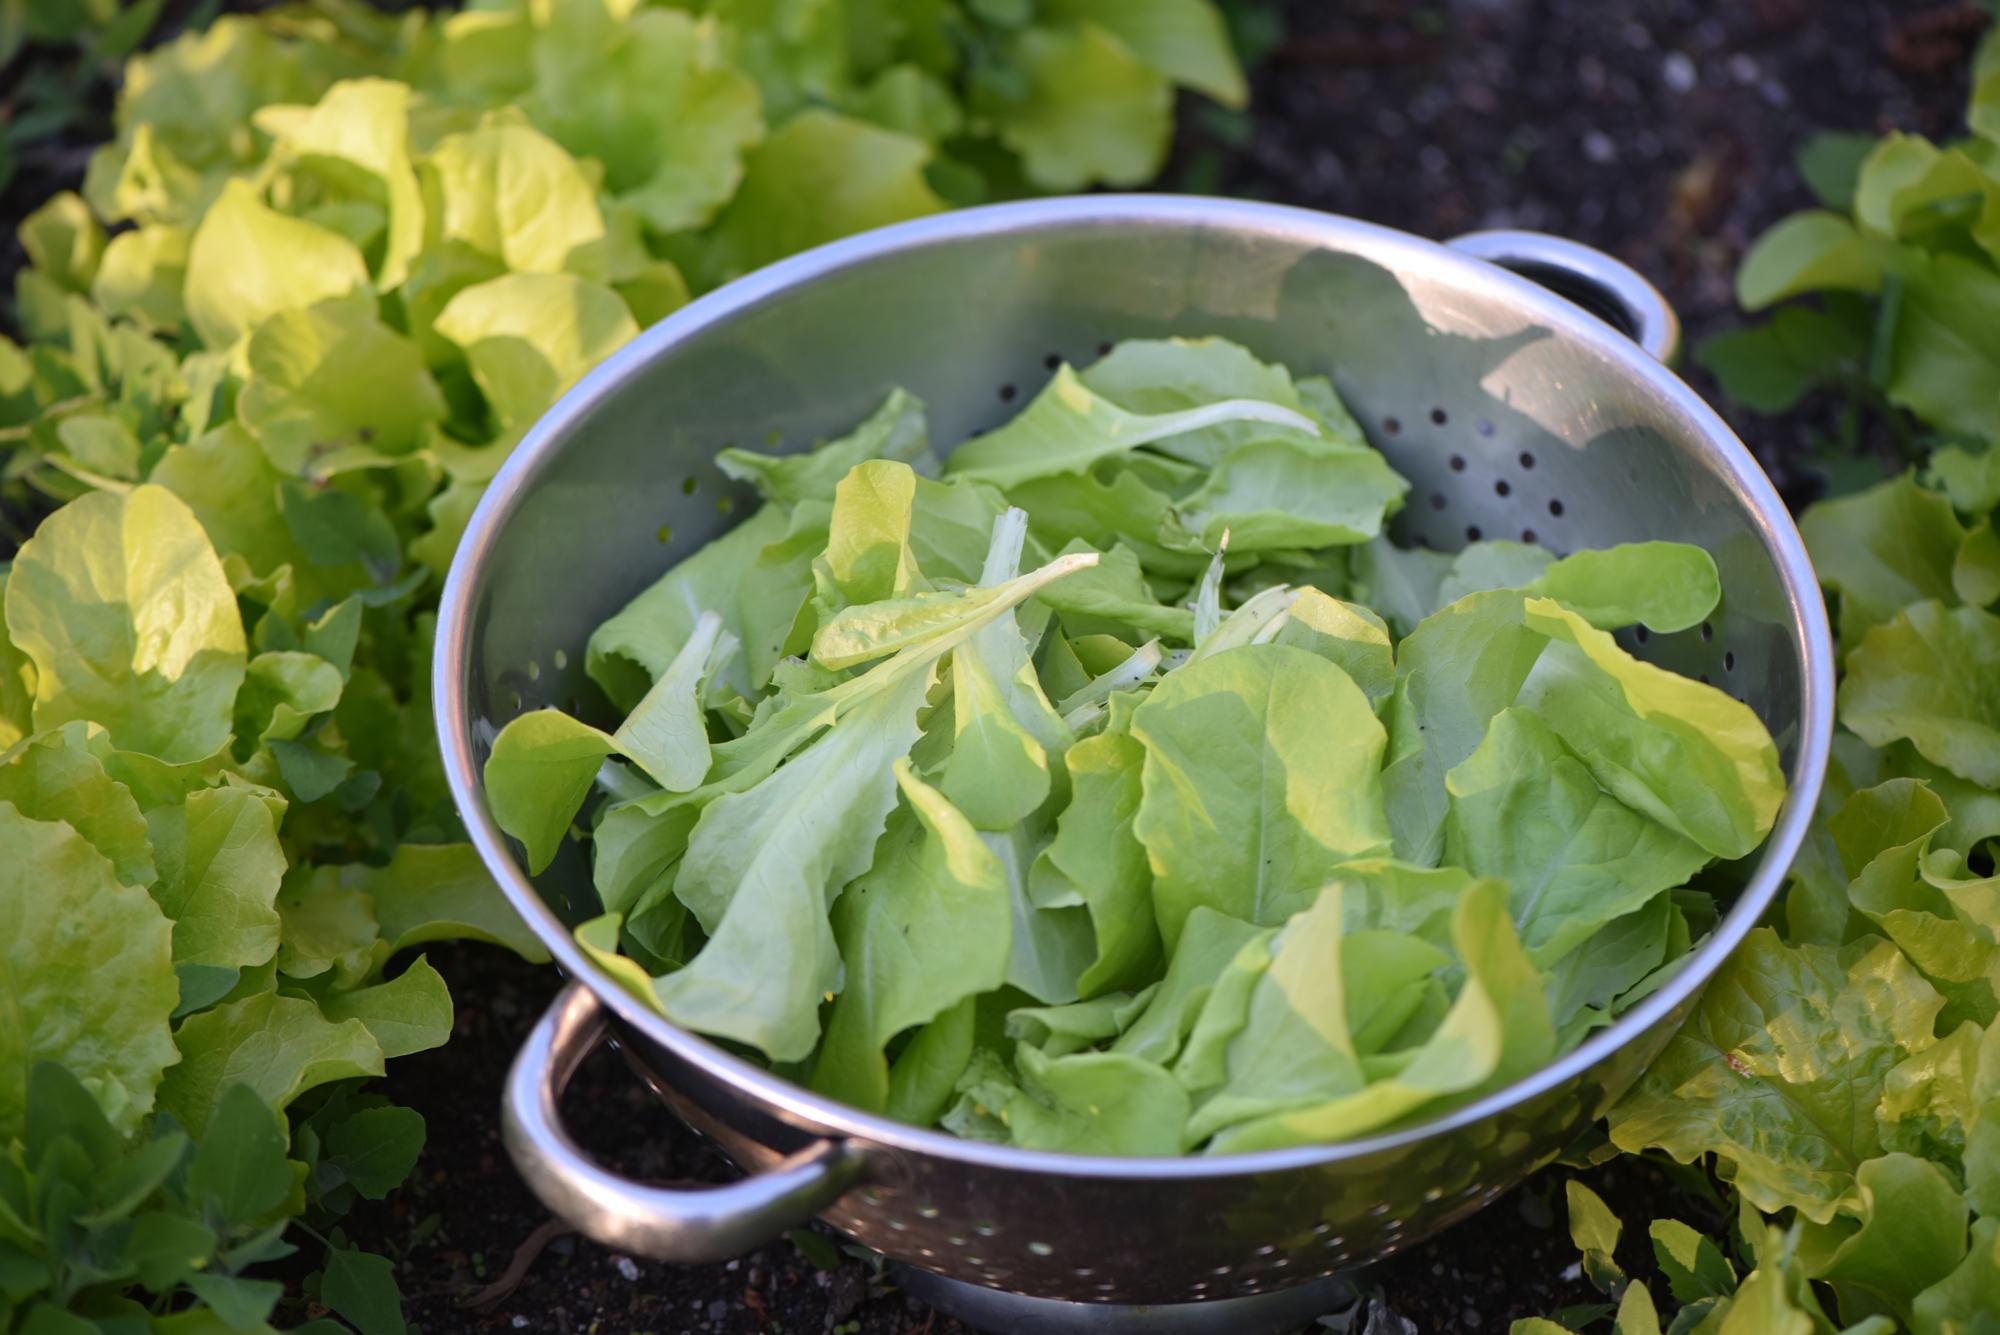 Gathering Lettuce for Dinner